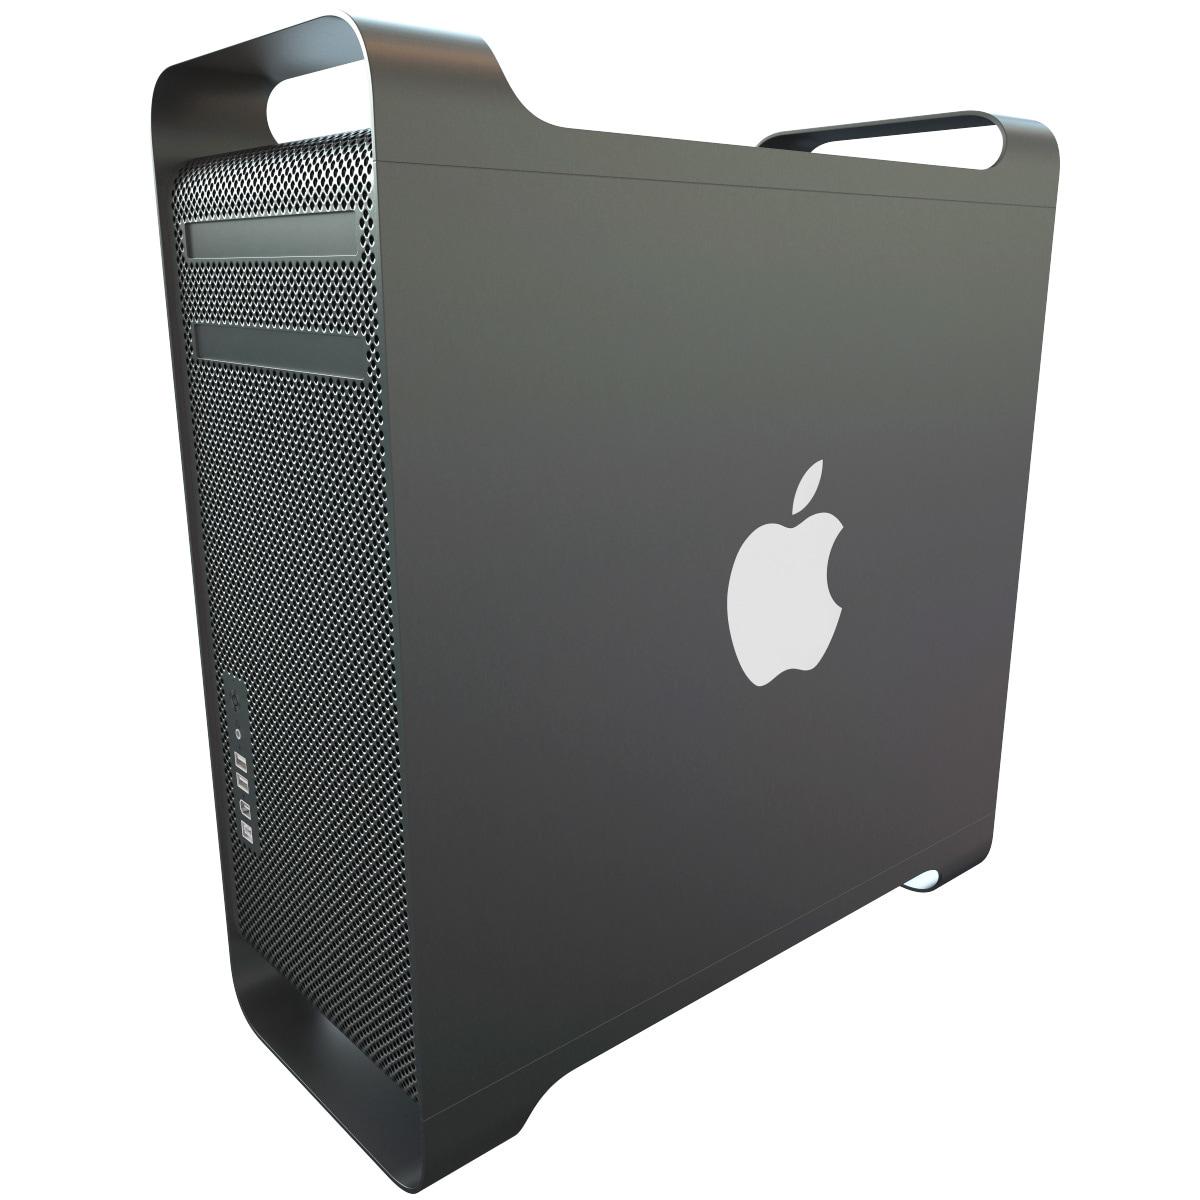 Apple_Mac_Pro_V2_00.jpg